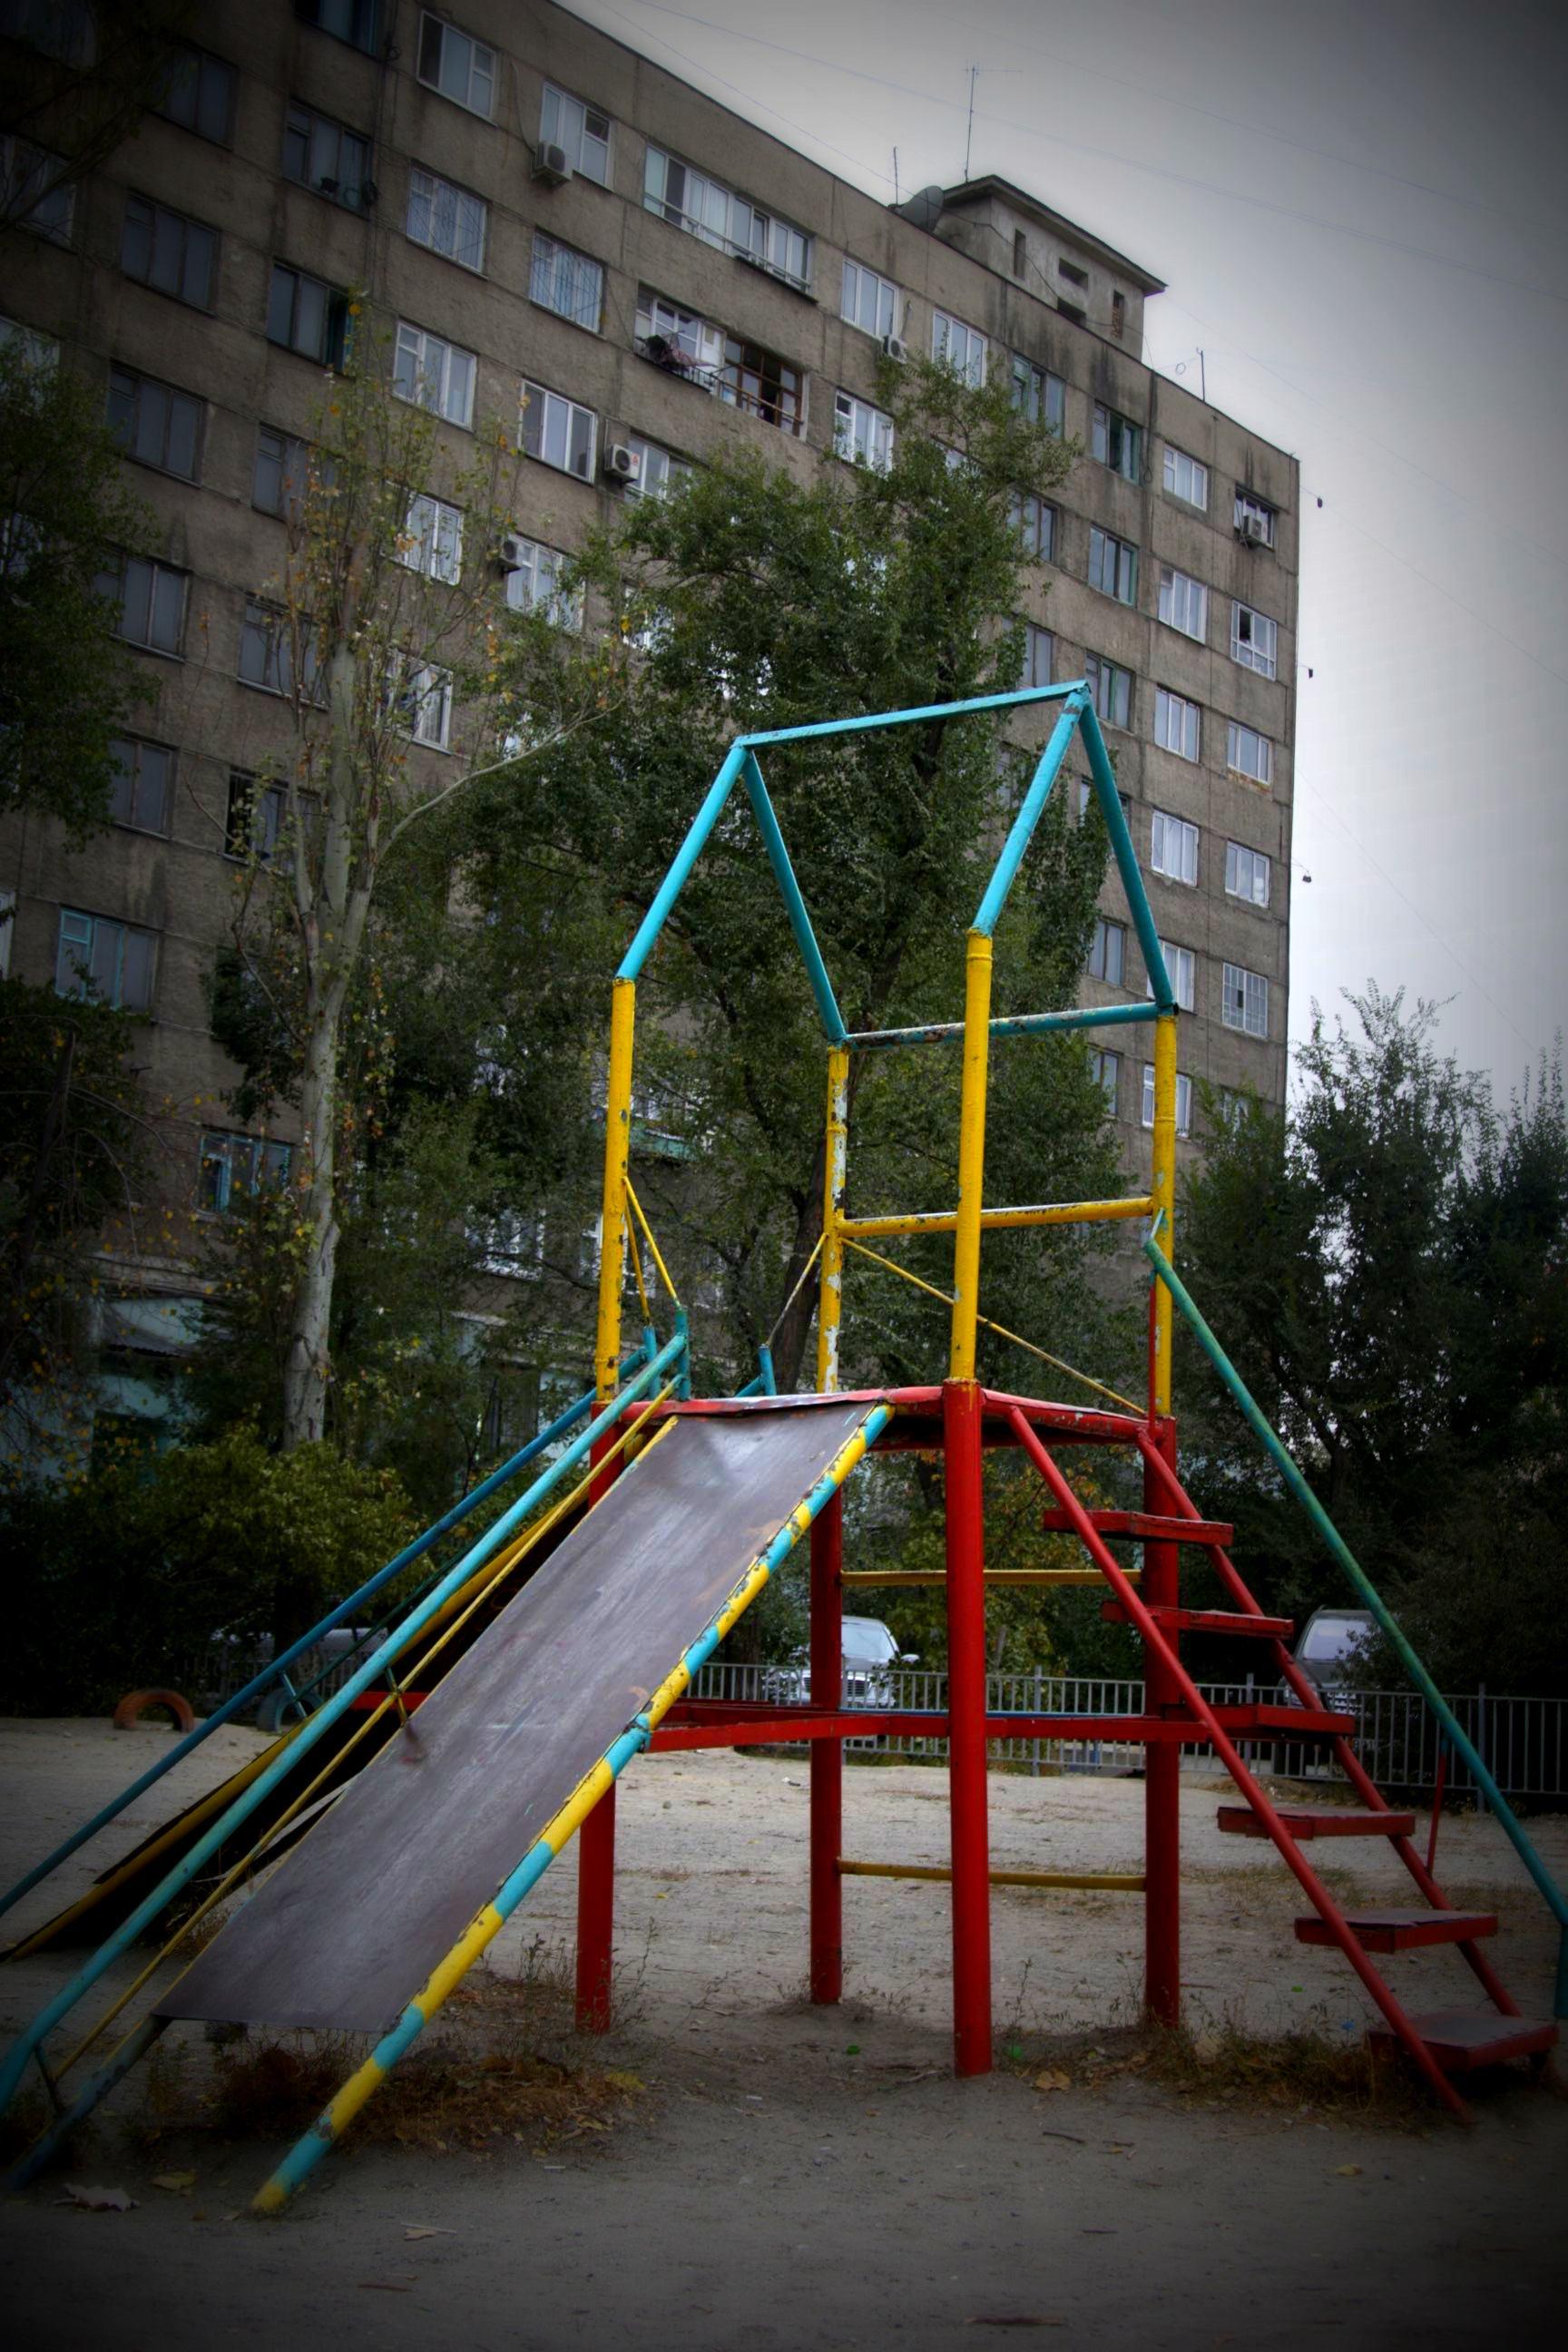 Kyrgystan bishkek playgrounds 2